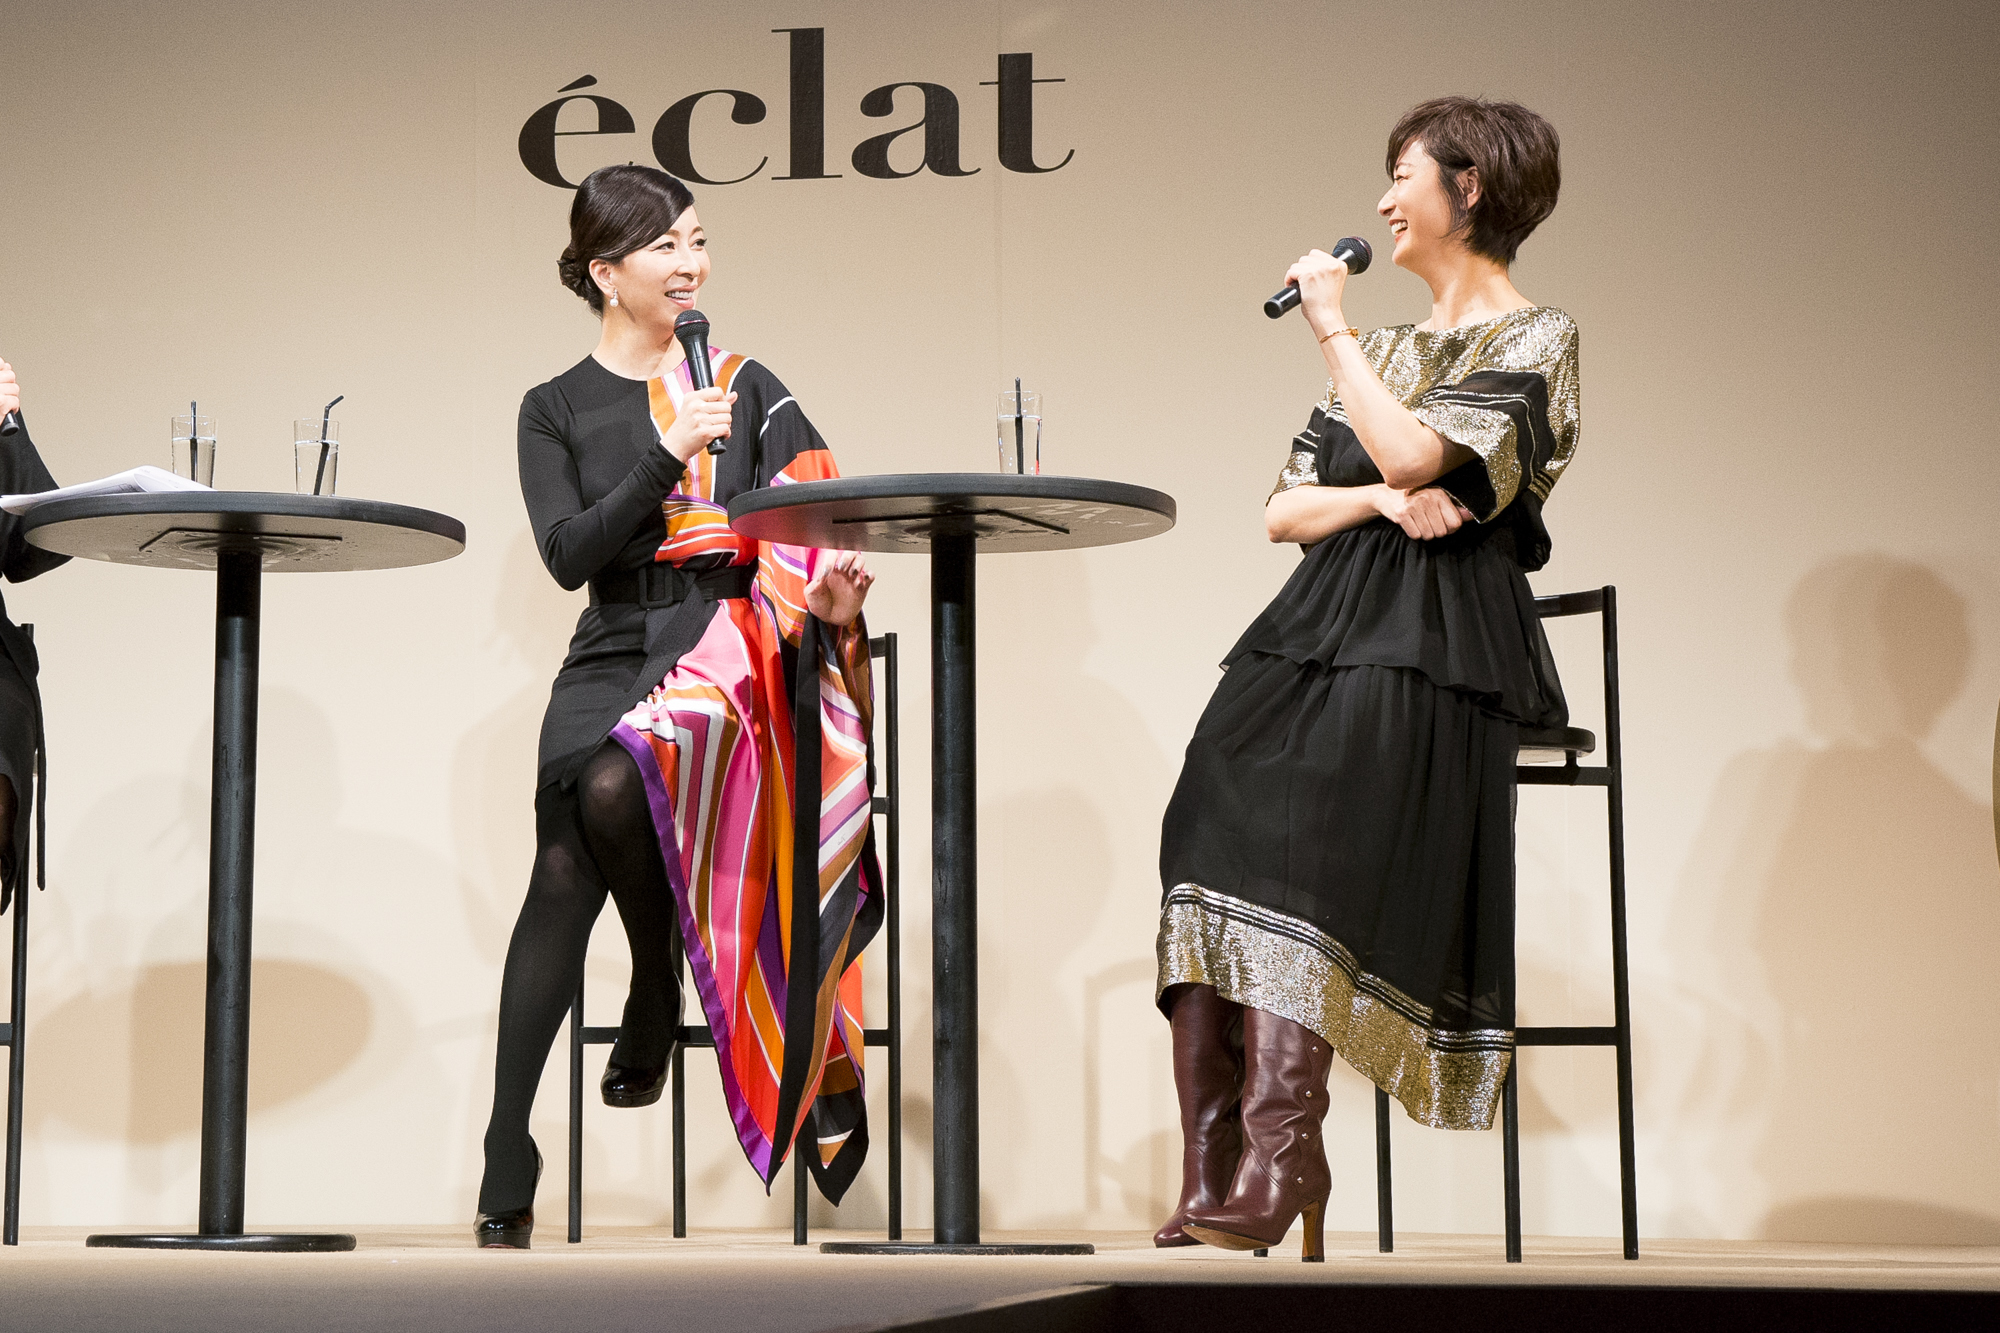 エクラ10周年イベント「Jマダム パーティ」が盛大に行われました!_1_1-12